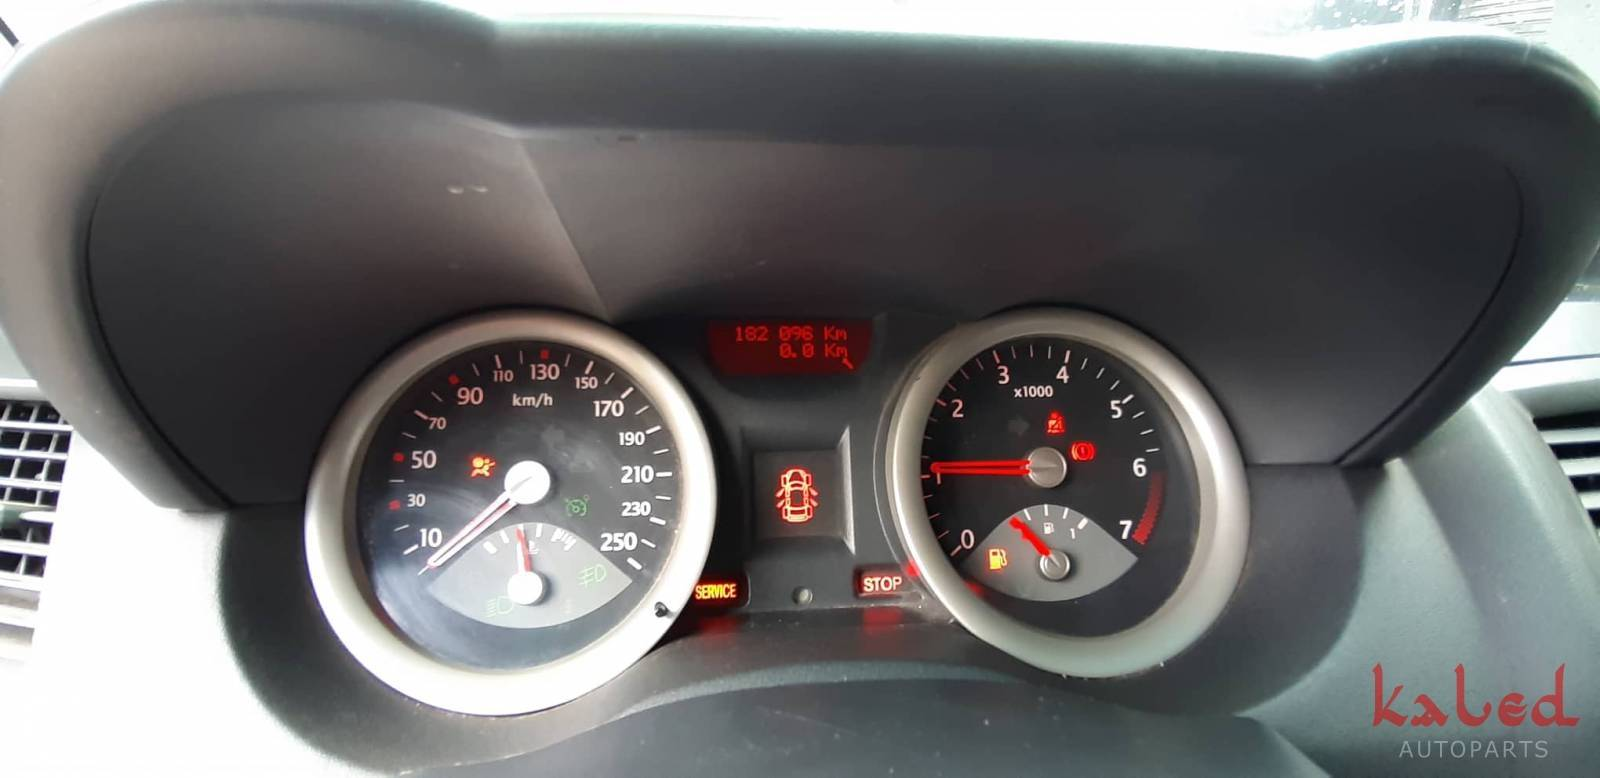 Renault Megane 2008 2.0 16v sucata para venda de peças - Kaled Auto Parts